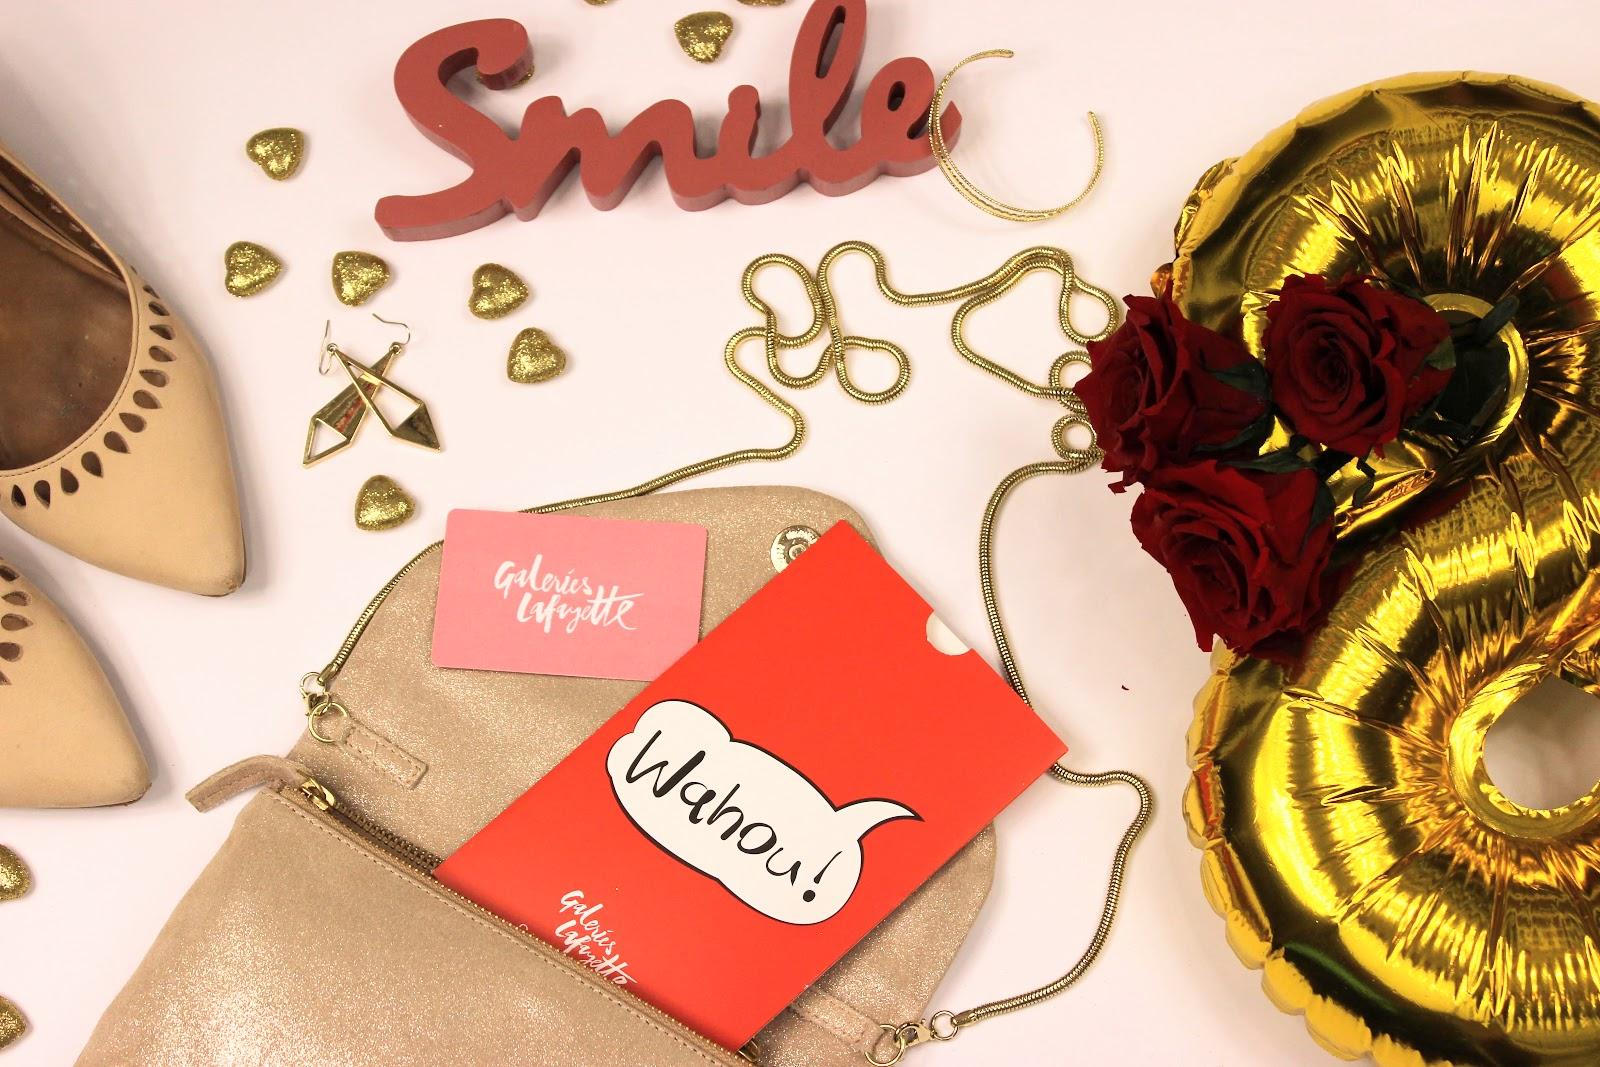 Concours, blog anniversaire, les petites bulles de ma vie, galeries lafayette